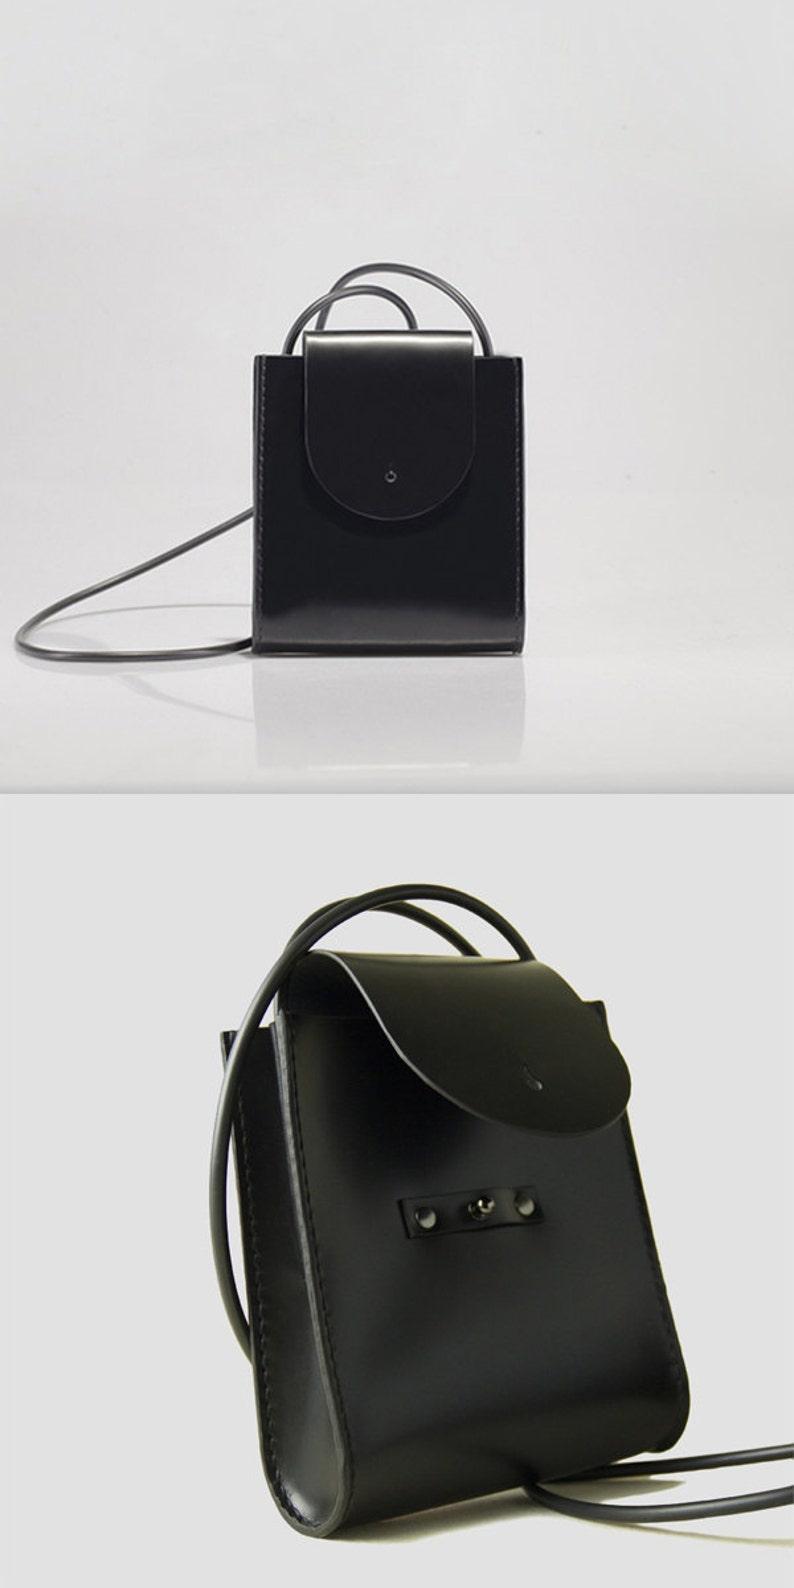 67aa2035cec85 Torby na ramię torba torebka mała Kobieta mini skóry dla   Etsy